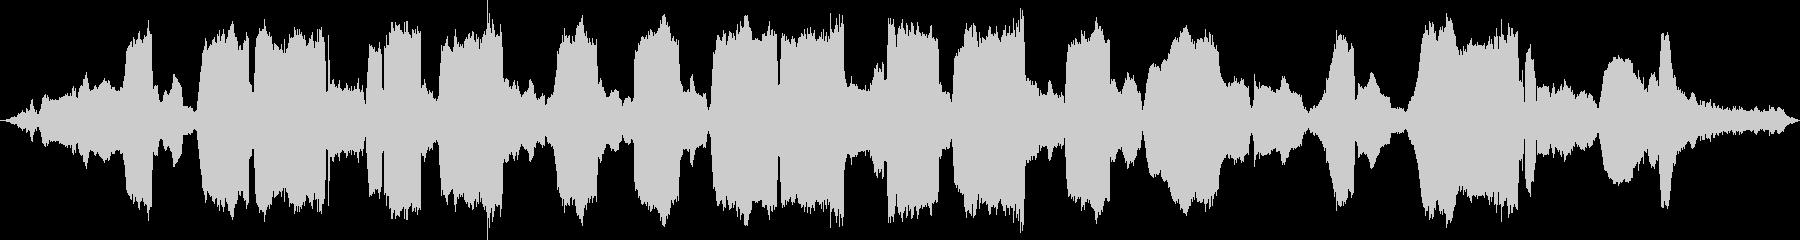 Caterham 7 Super ...の未再生の波形